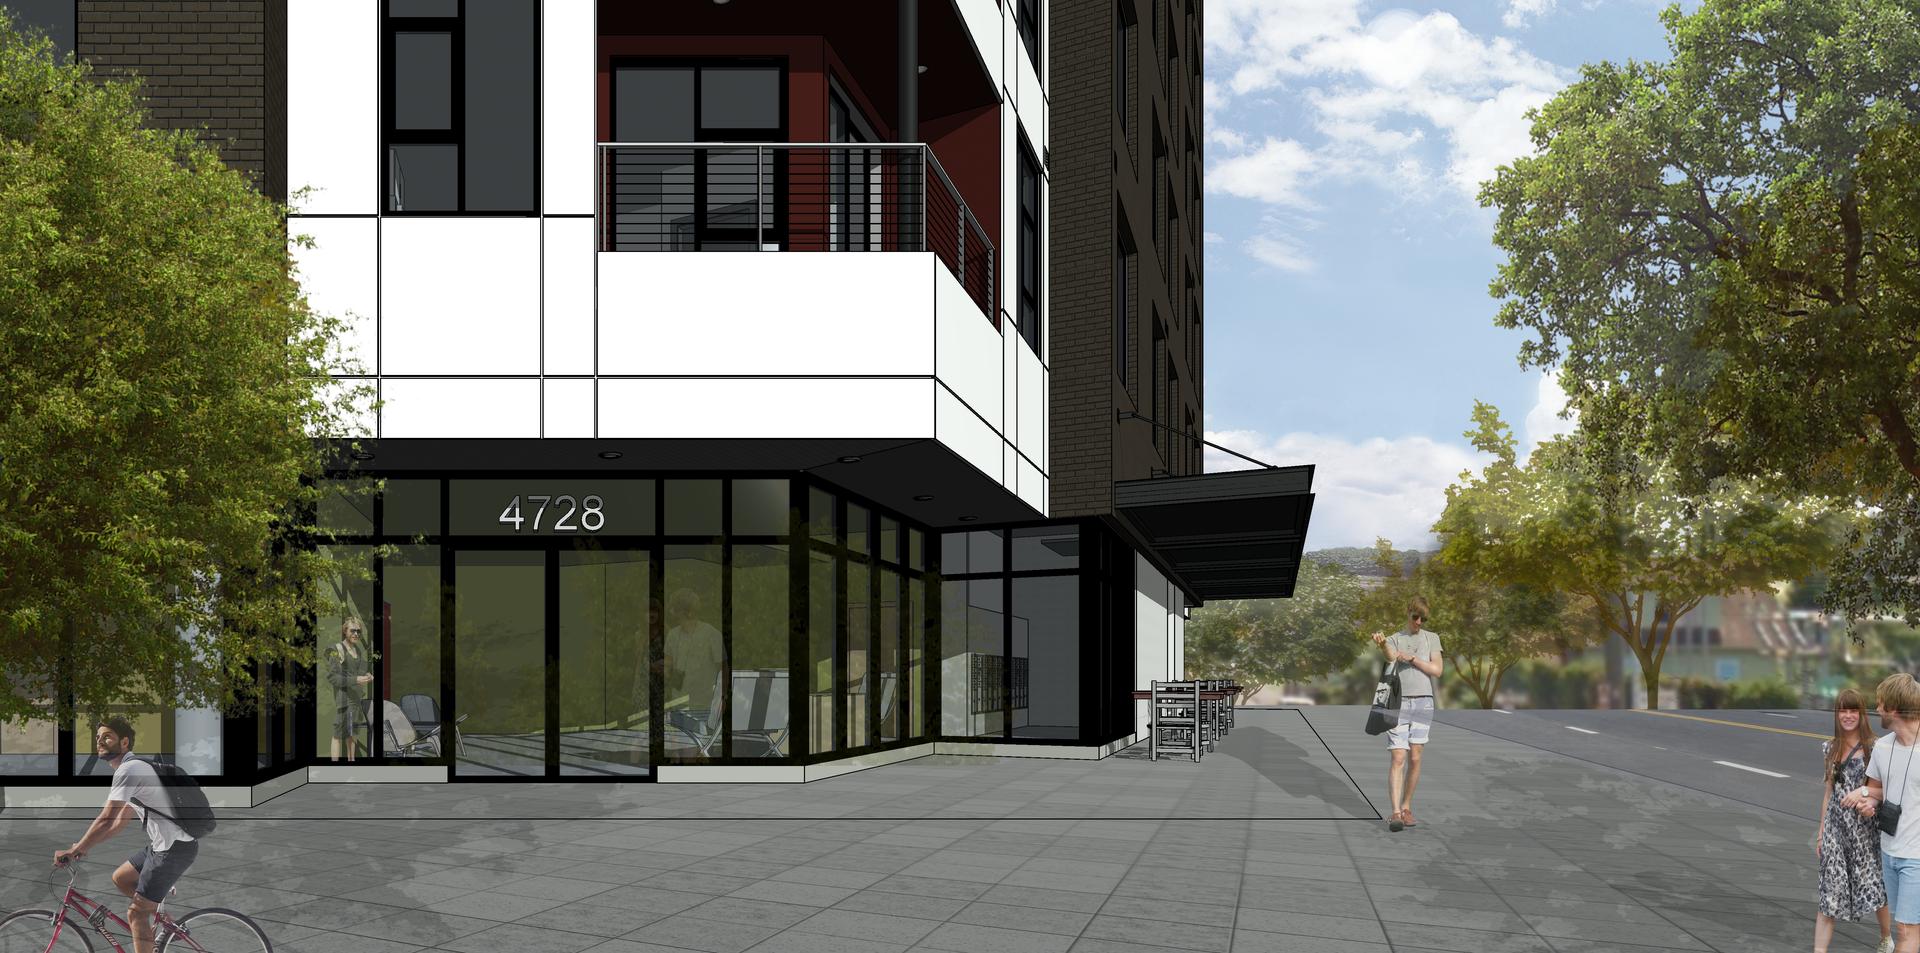 koz-sandy-rendering-sidewalk.png